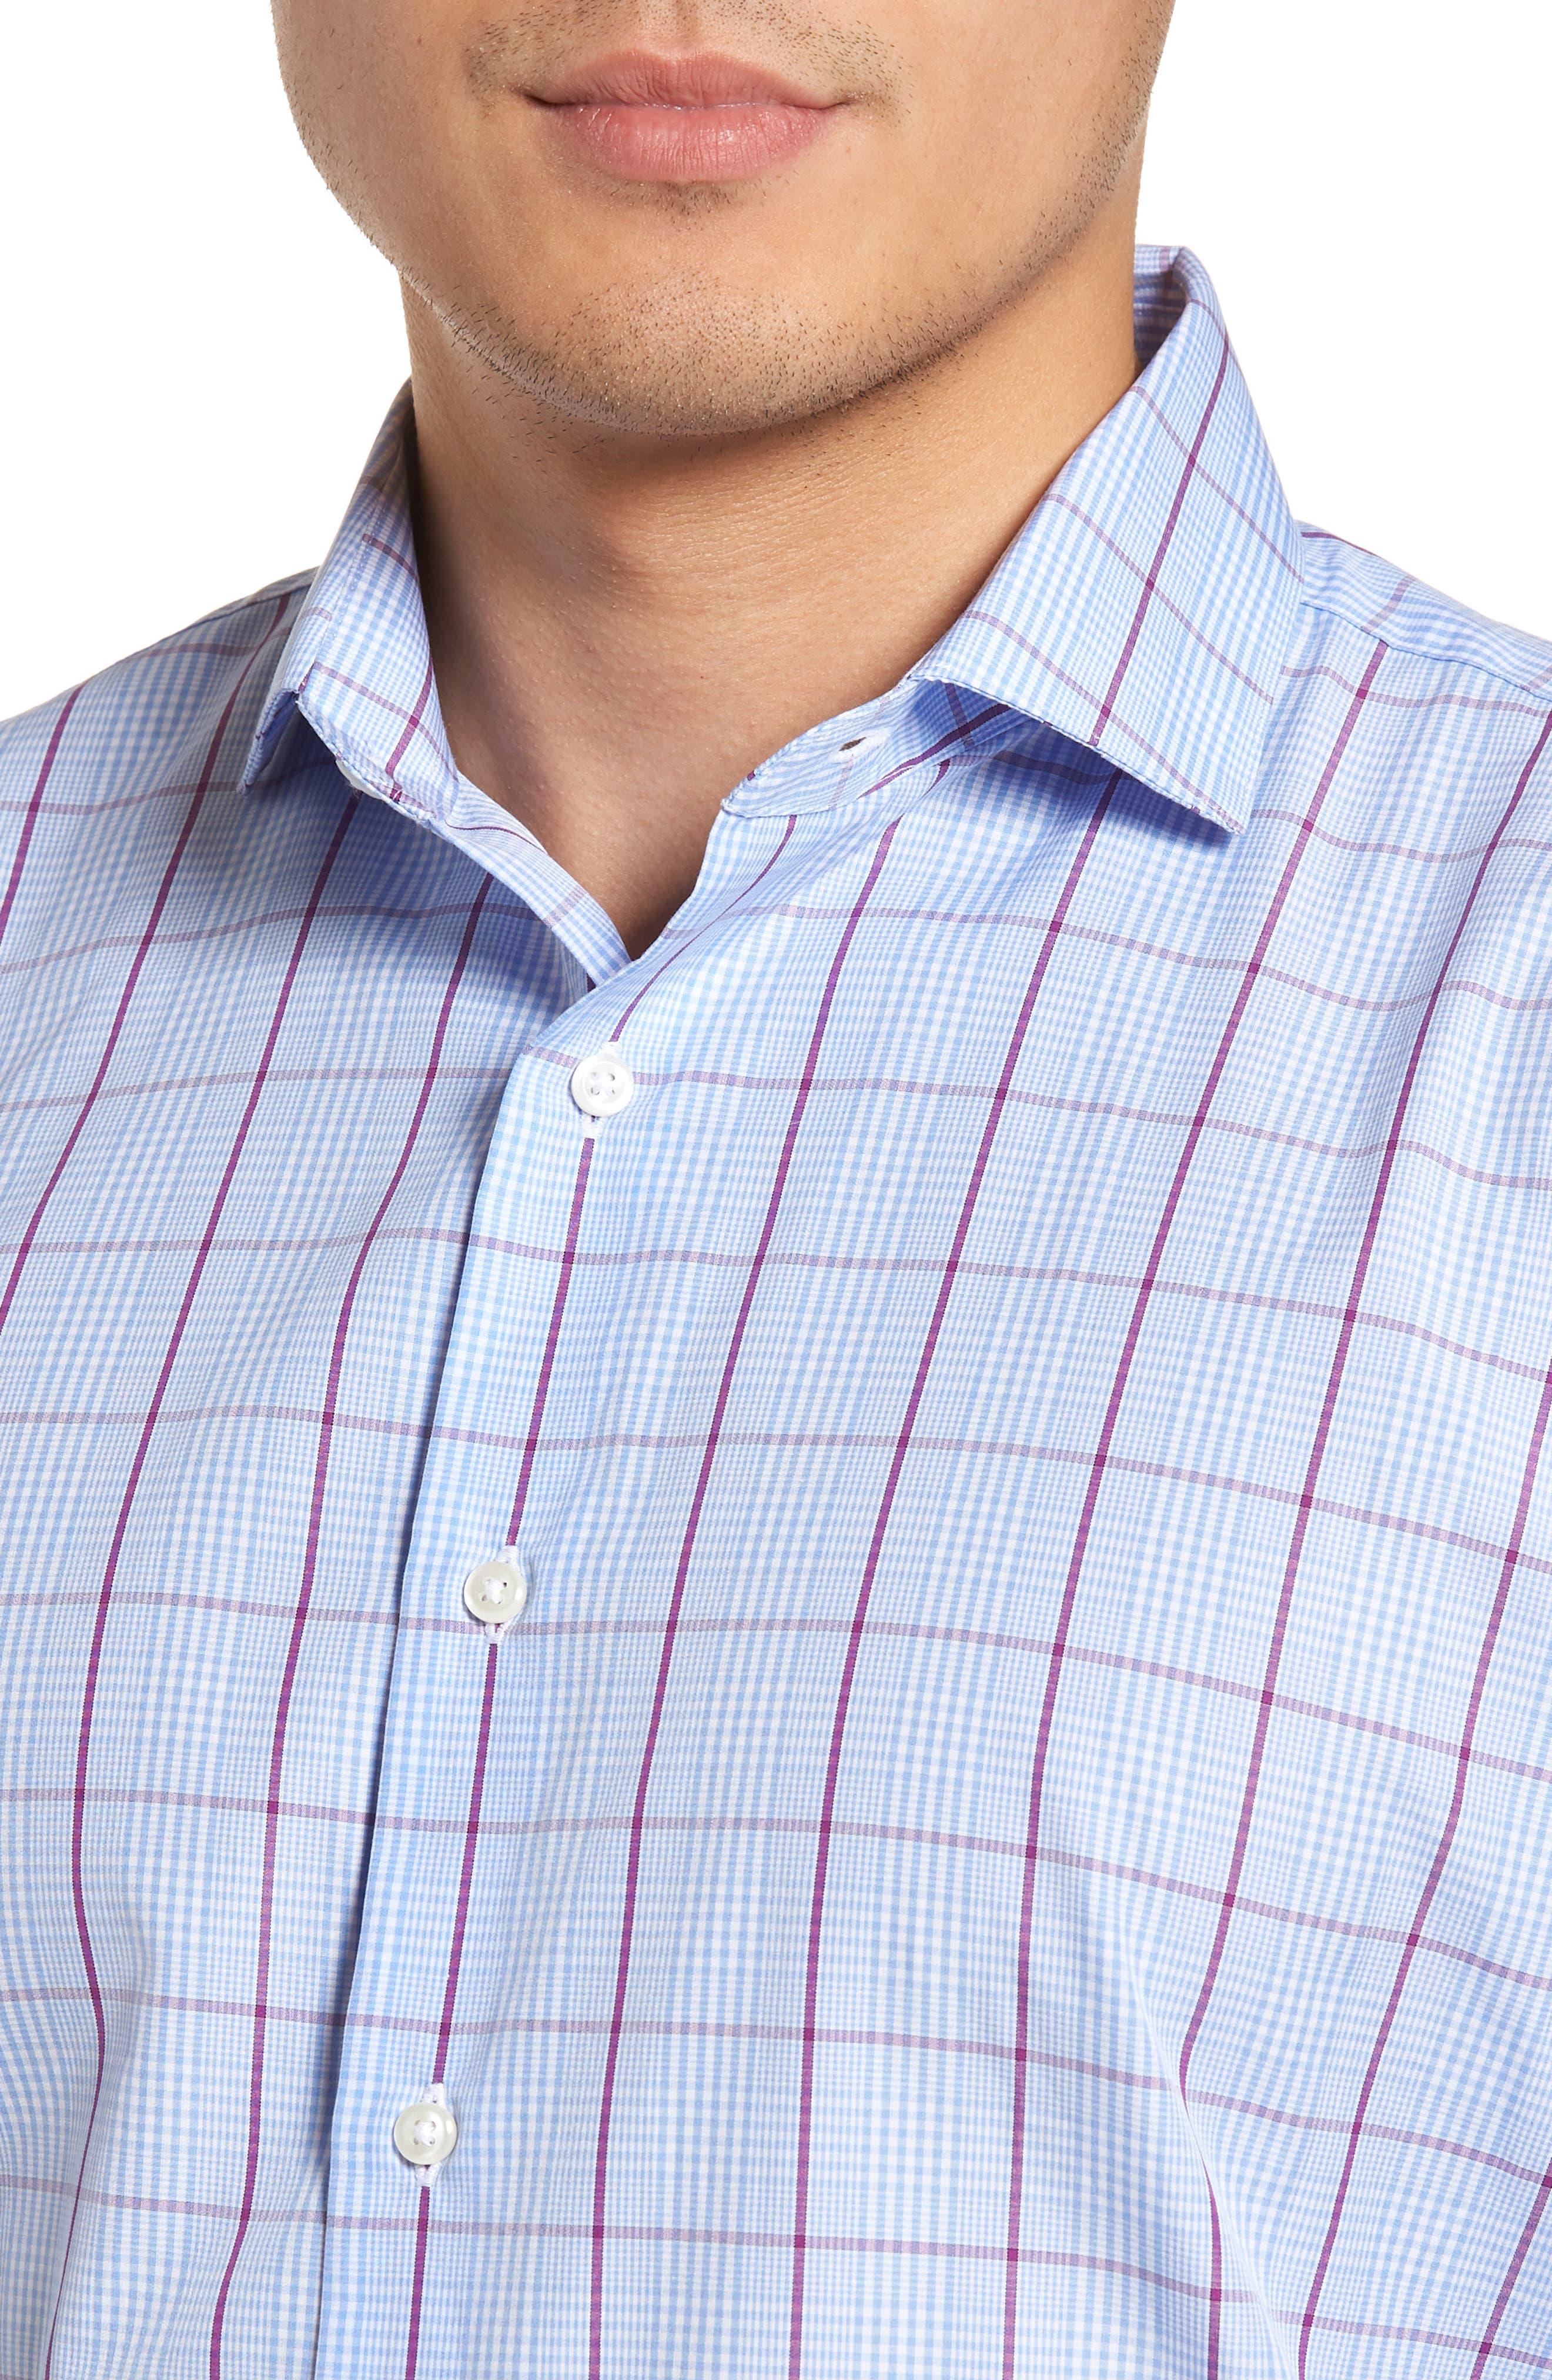 Trim Fit Plaid Dress Shirt,                             Alternate thumbnail 2, color,                             530